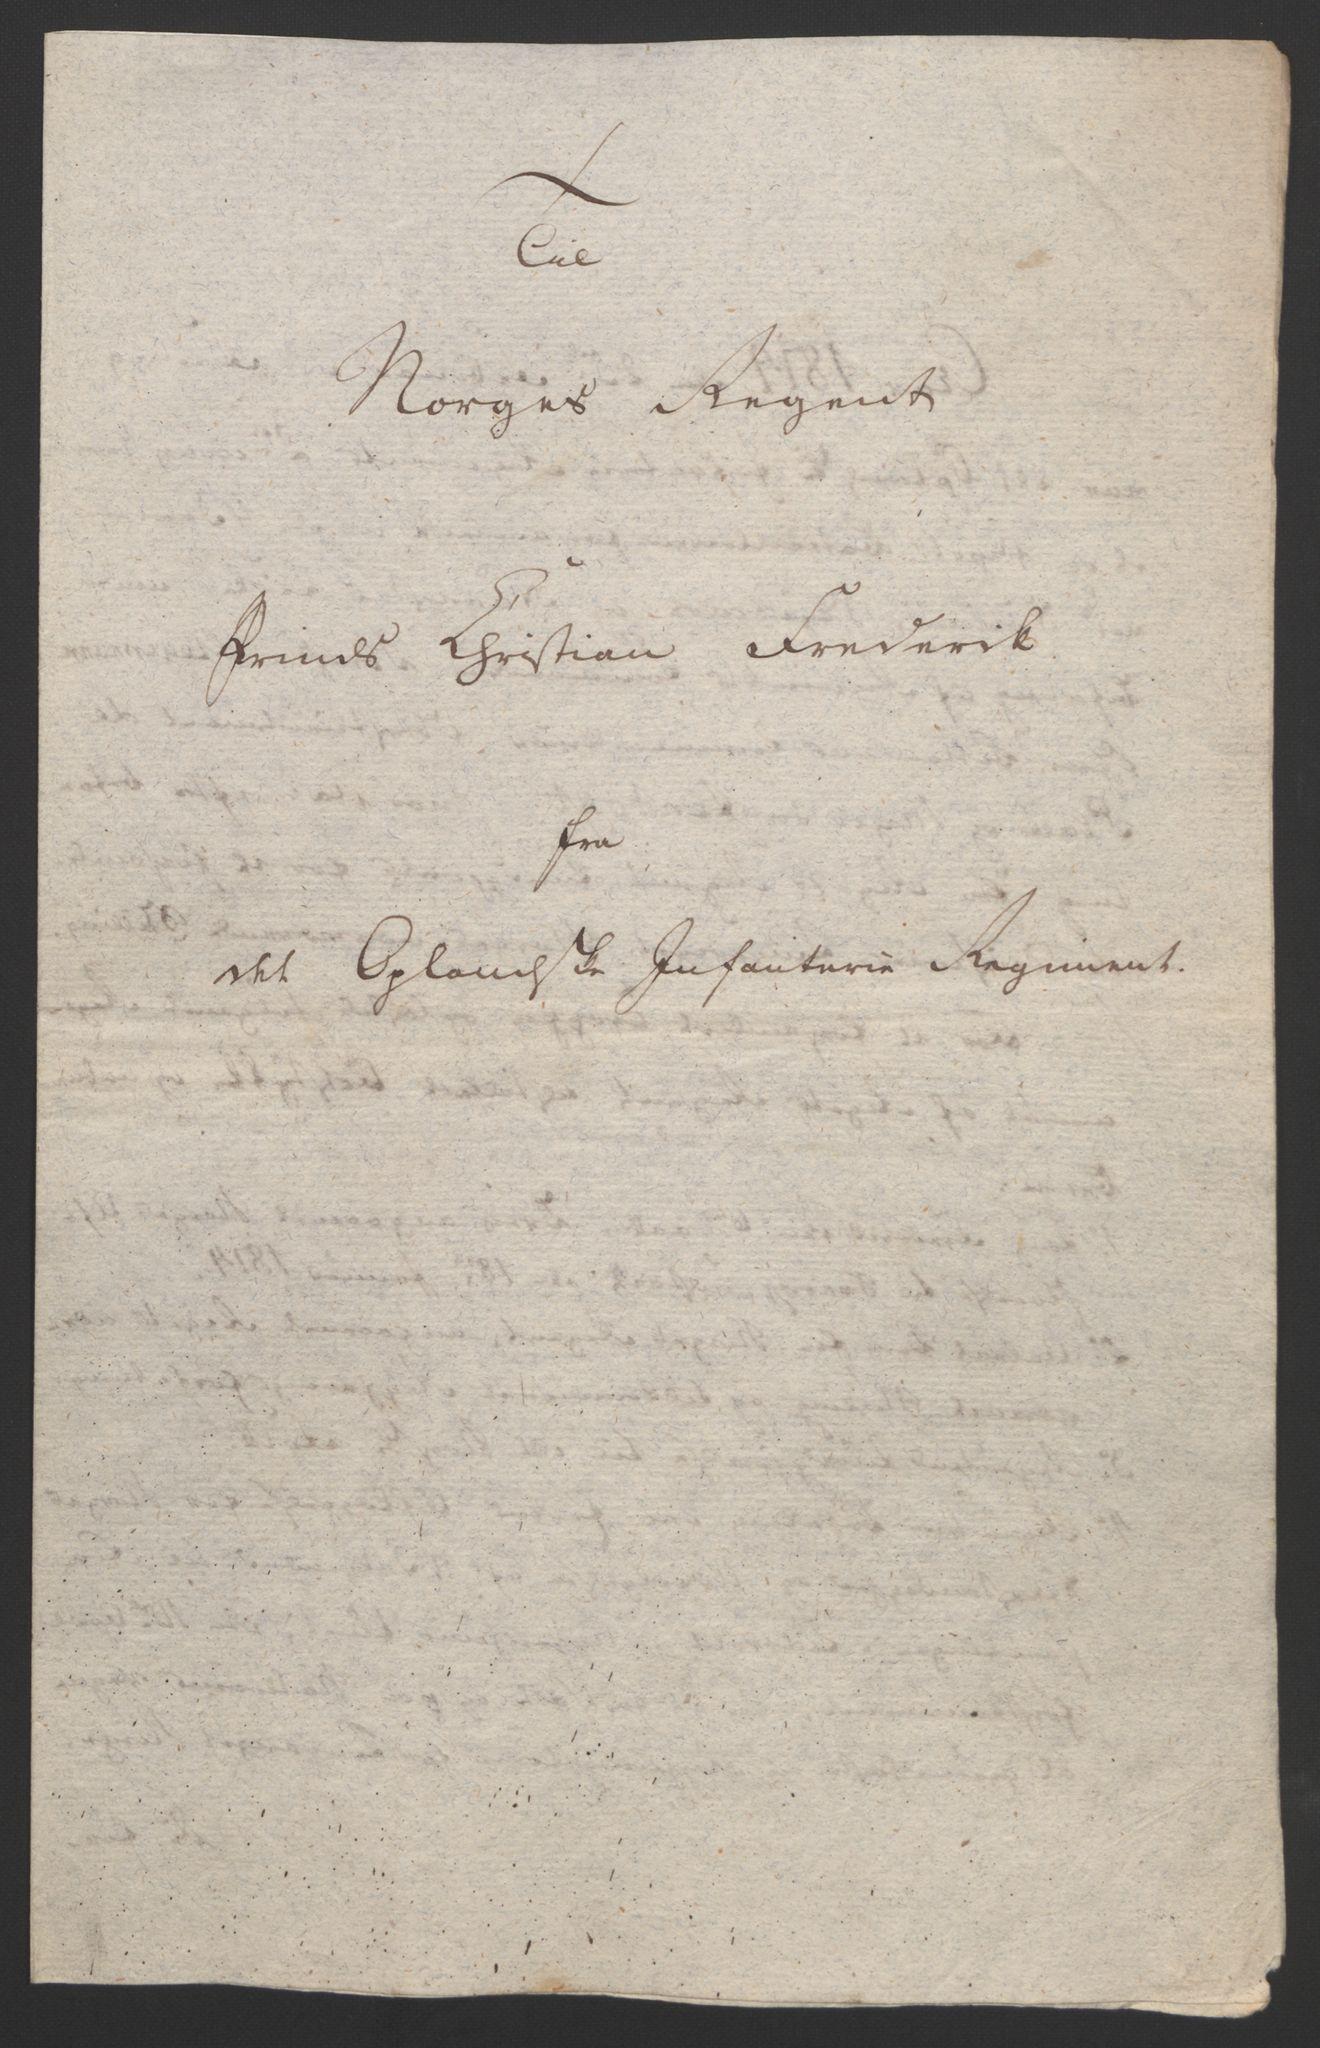 RA, Statsrådssekretariatet, D/Db/L0007: Fullmakter for Eidsvollsrepresentantene i 1814. , 1814, s. 81